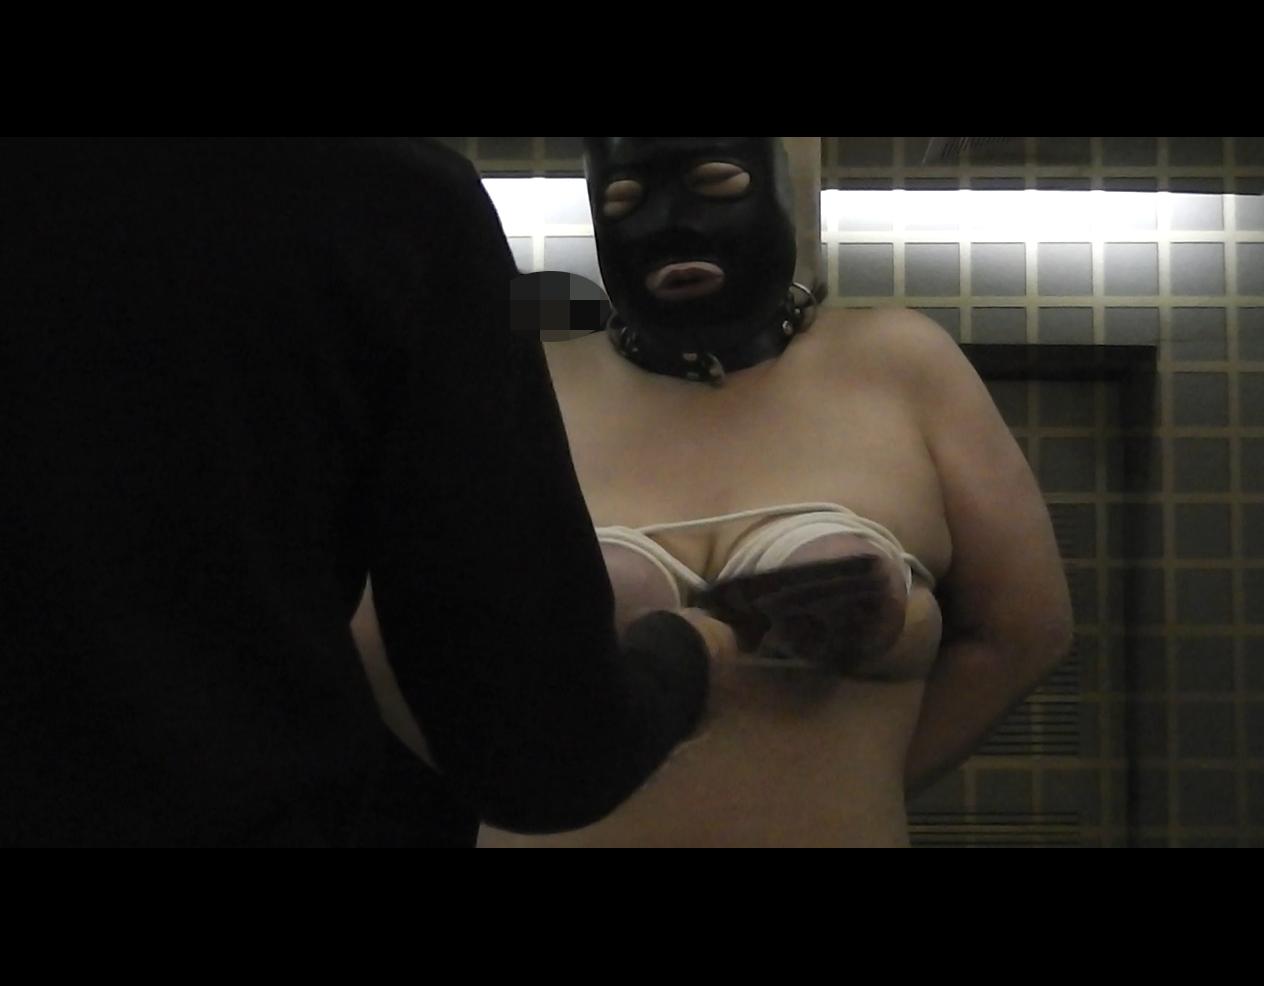 2013-02-23_2313_001 BDSM 拘束・緊縛・拷問・家畜・陵辱 個人調教